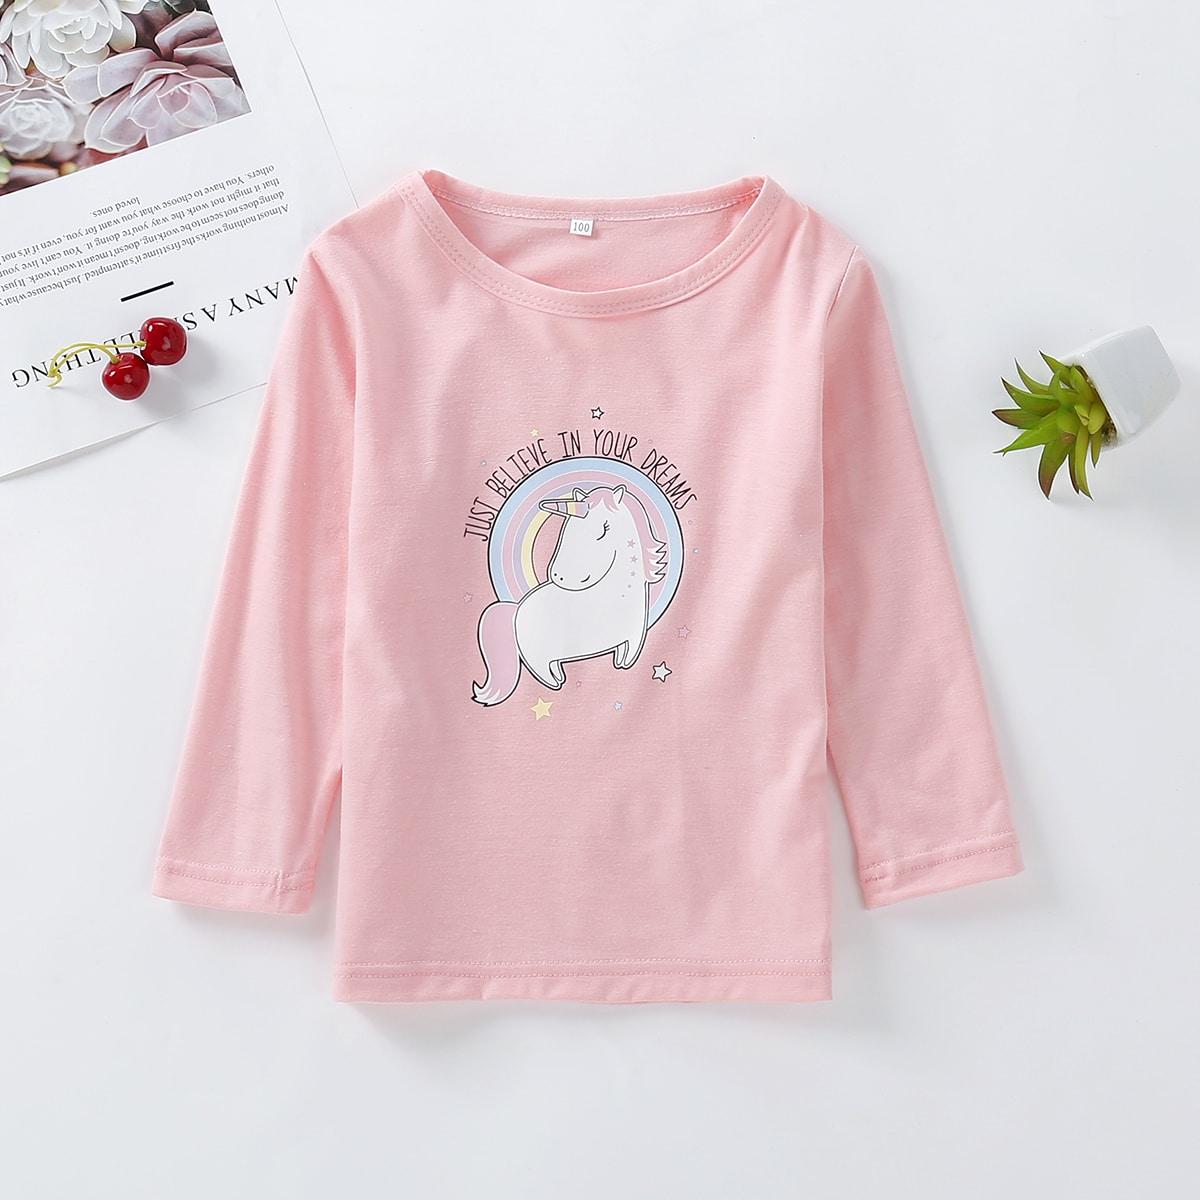 С карикатурой повседневный футболки для маленьких девочек